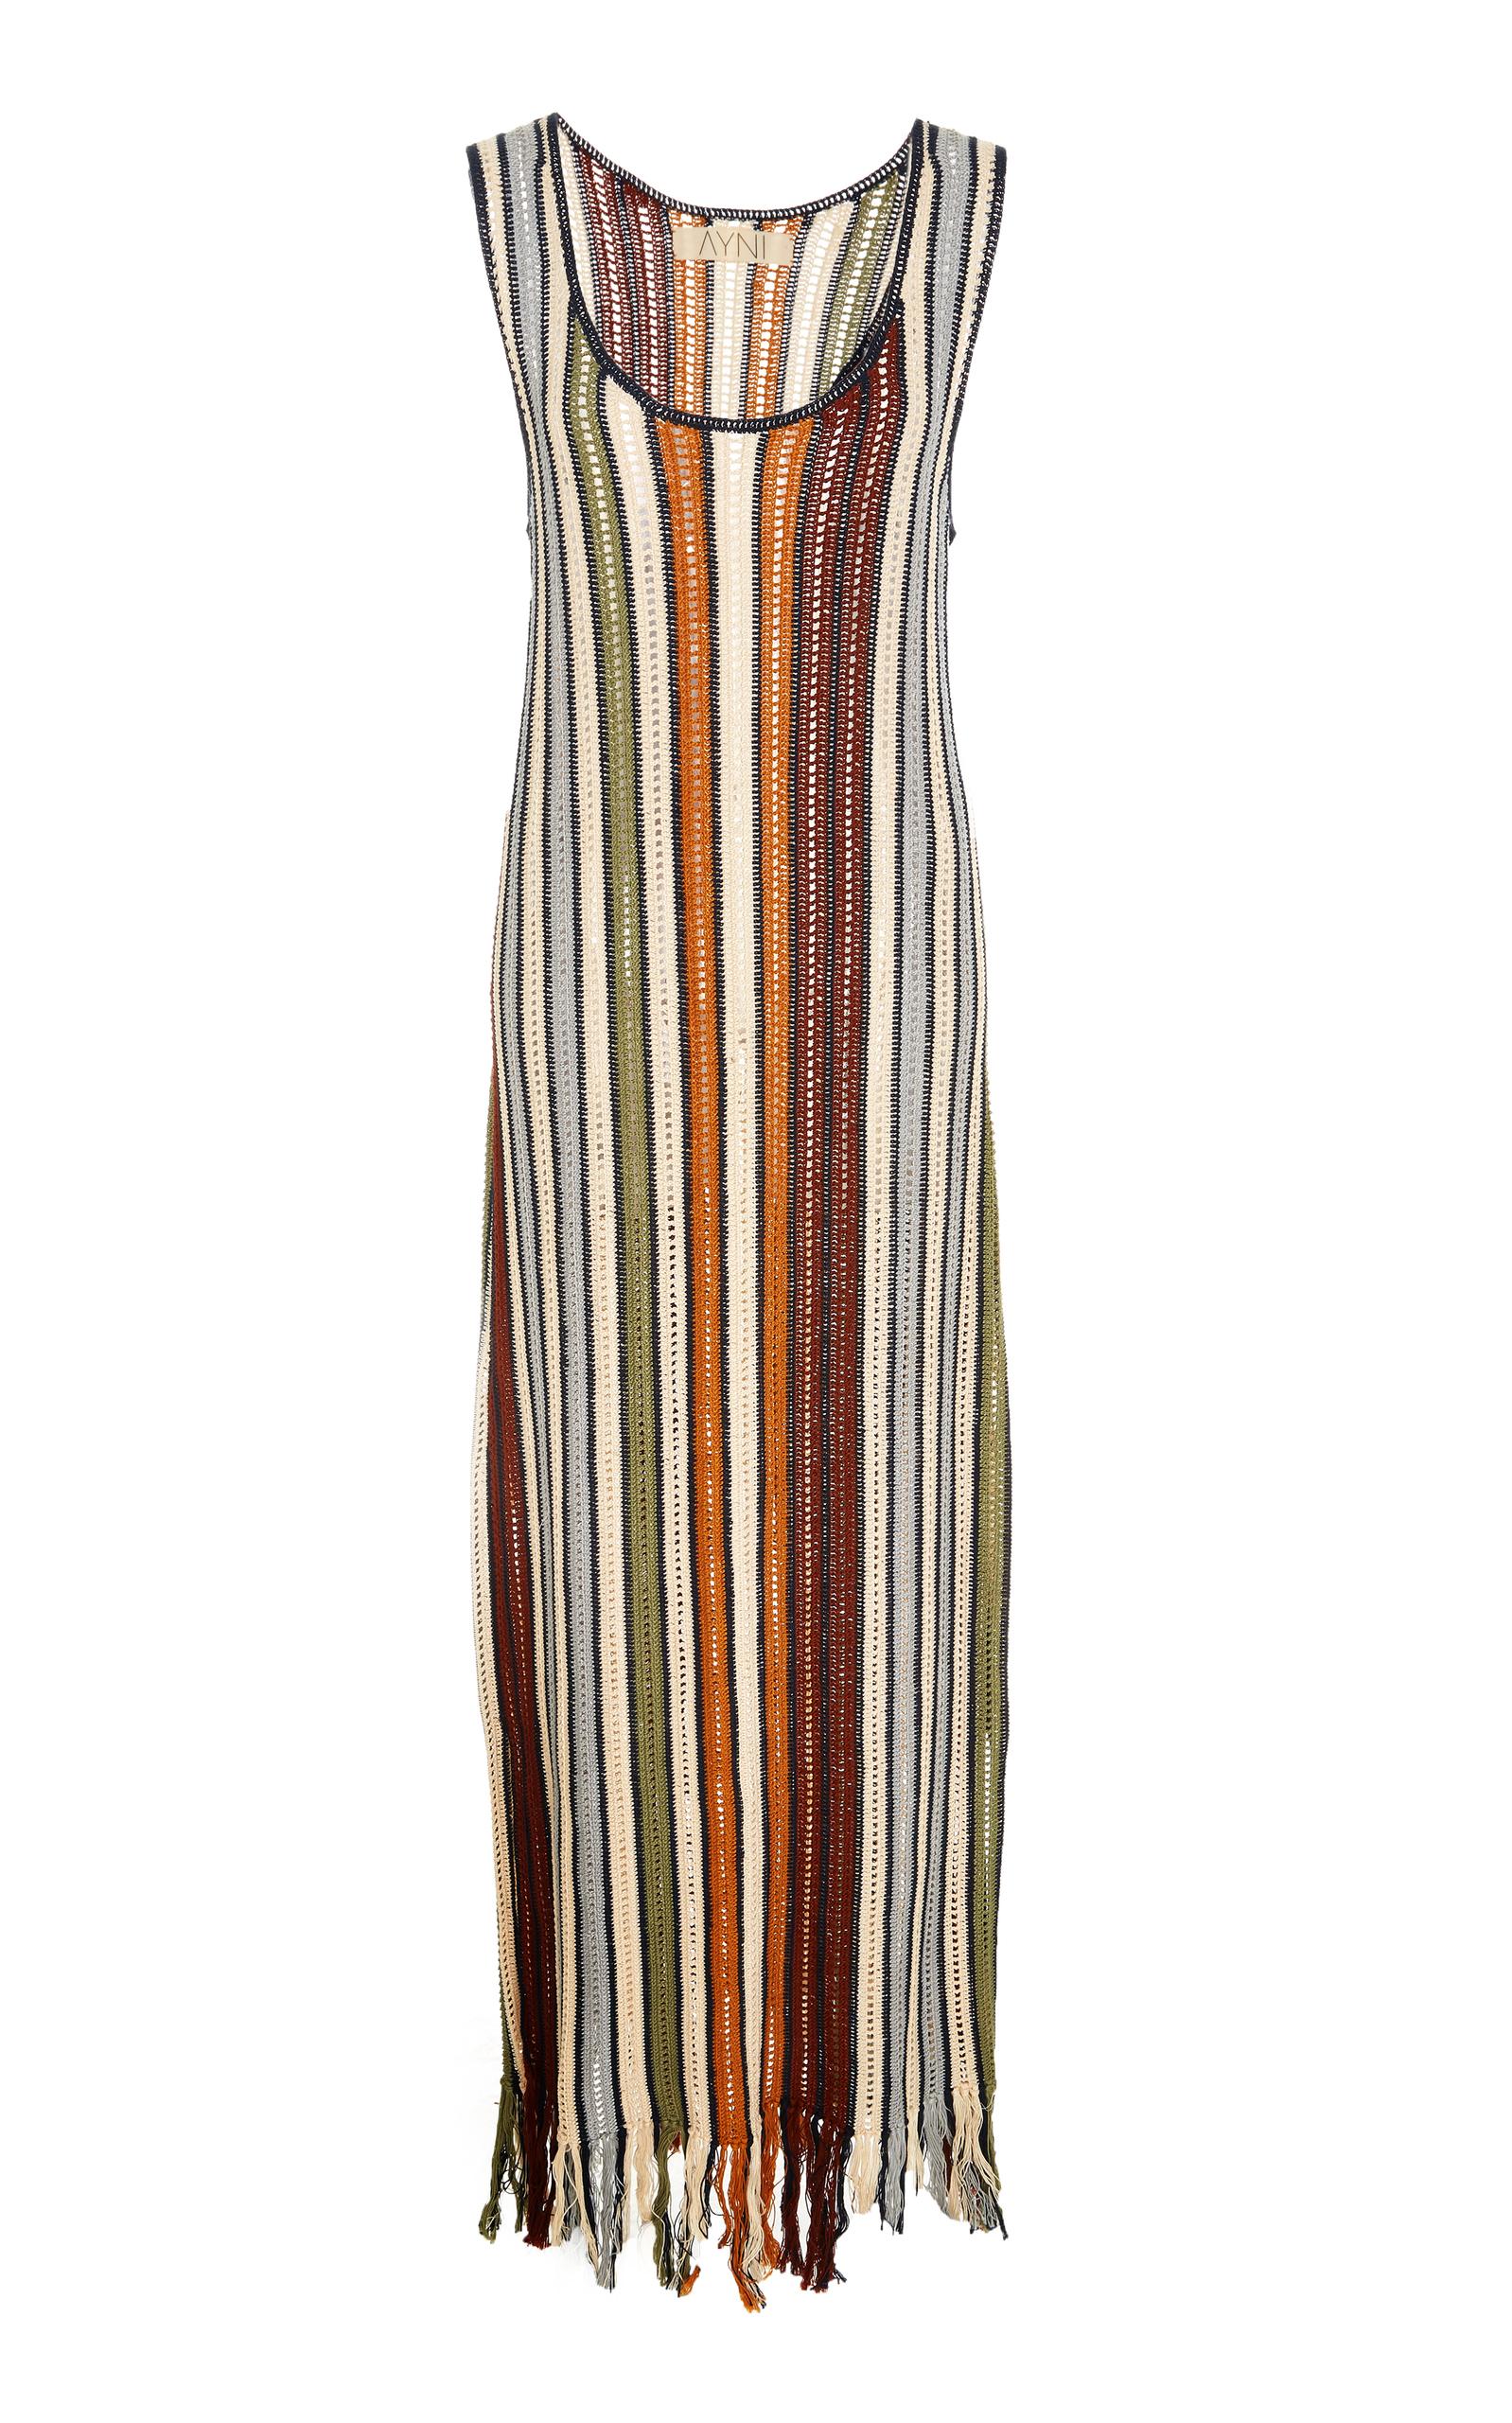 AYNI Sumaq Fringed Crochet Dress in Multi